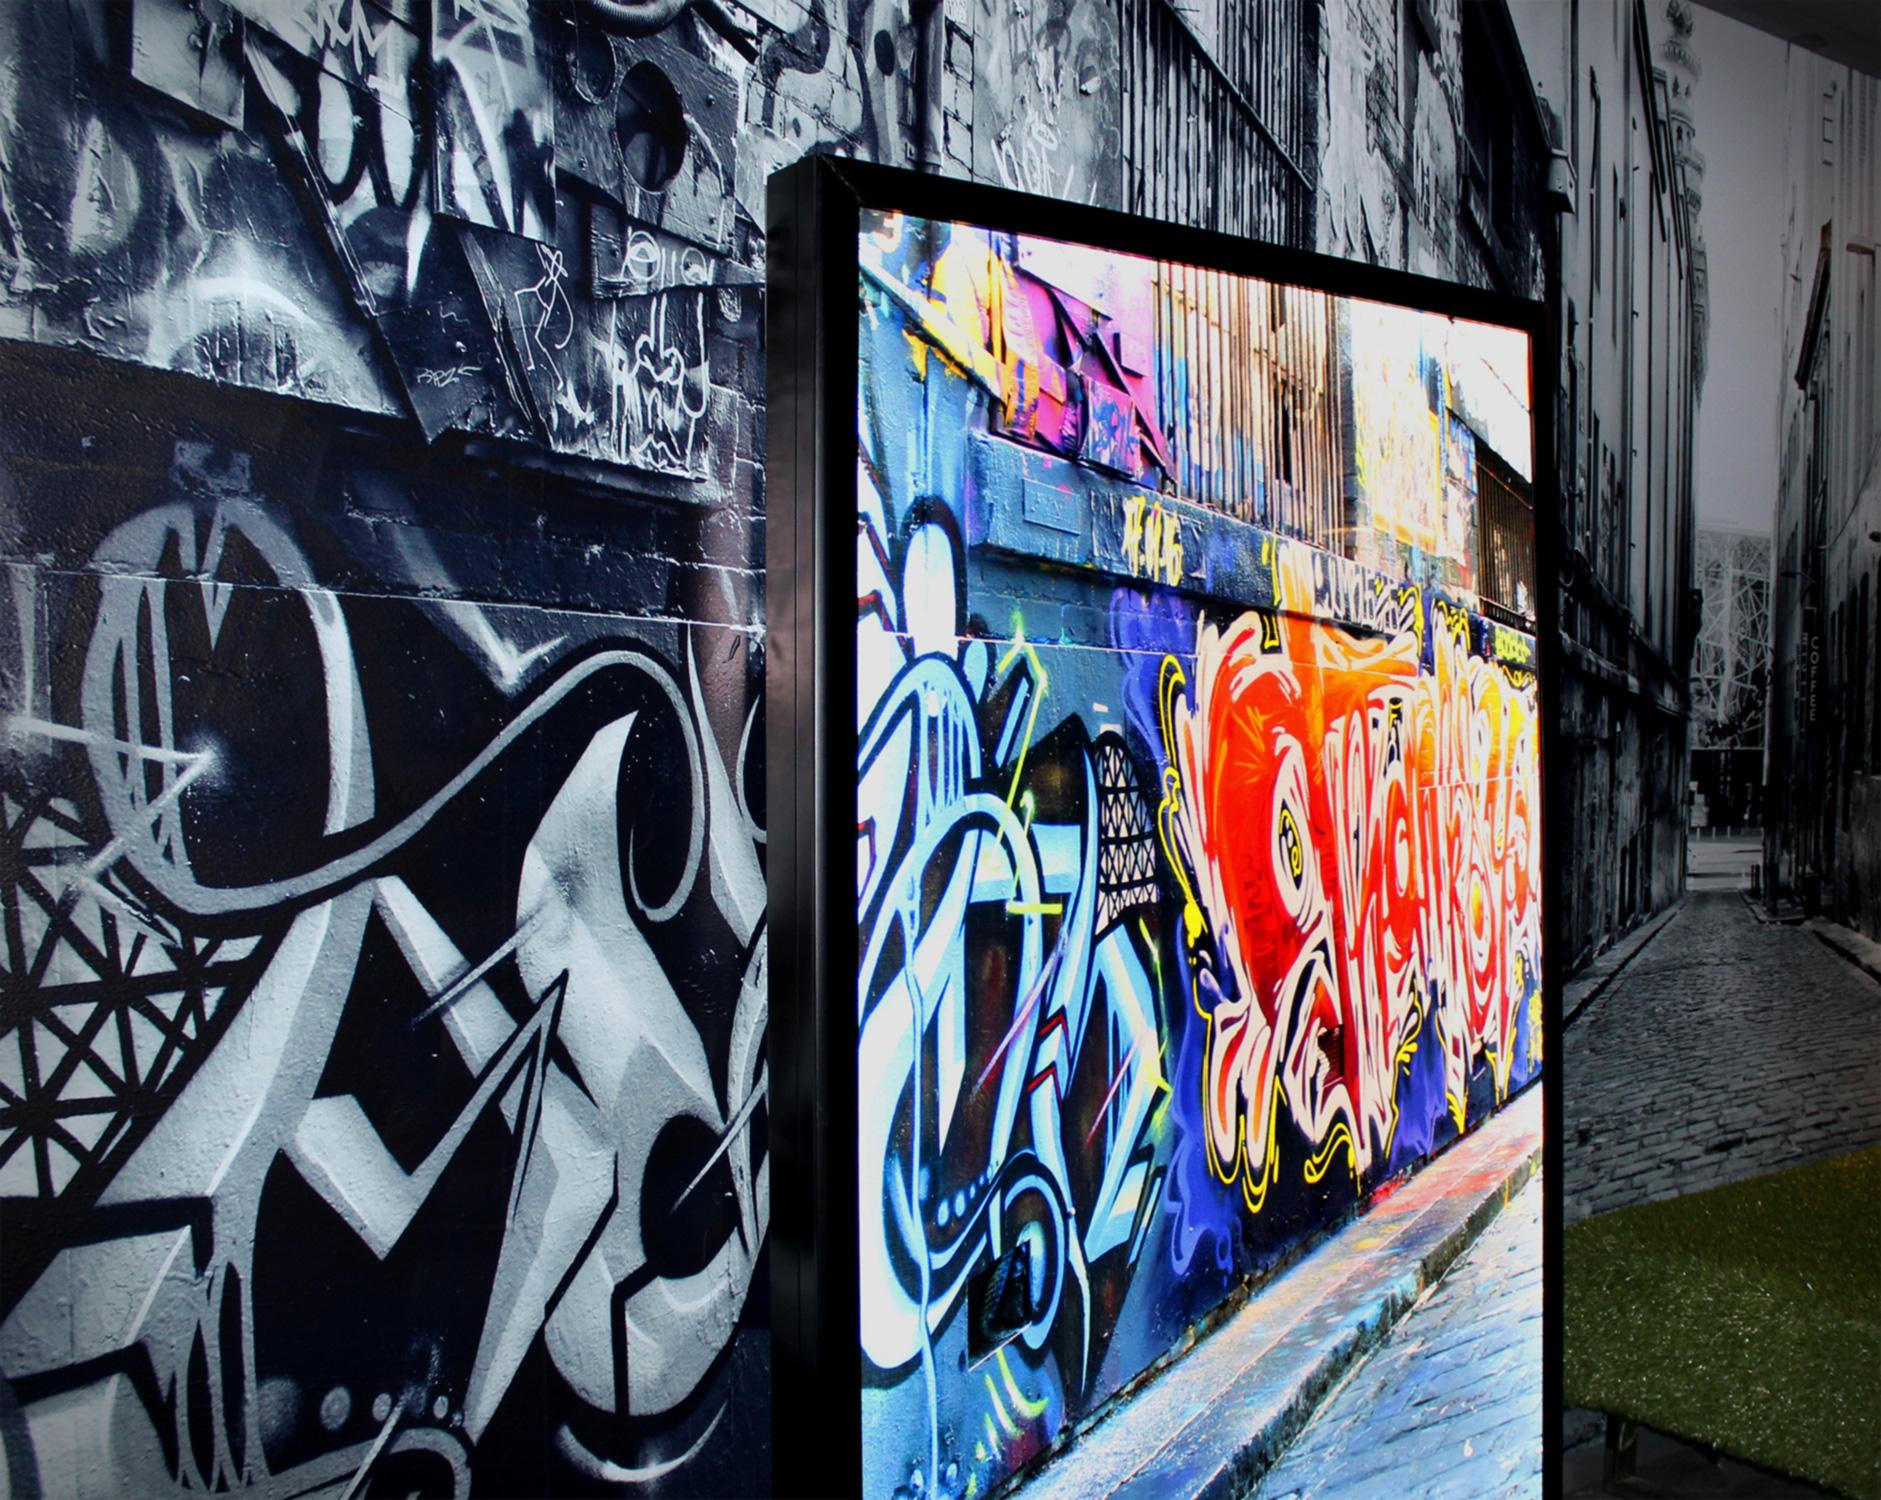 Neon-Pear-Wallpaper-Lightbox-Install-4.jpg